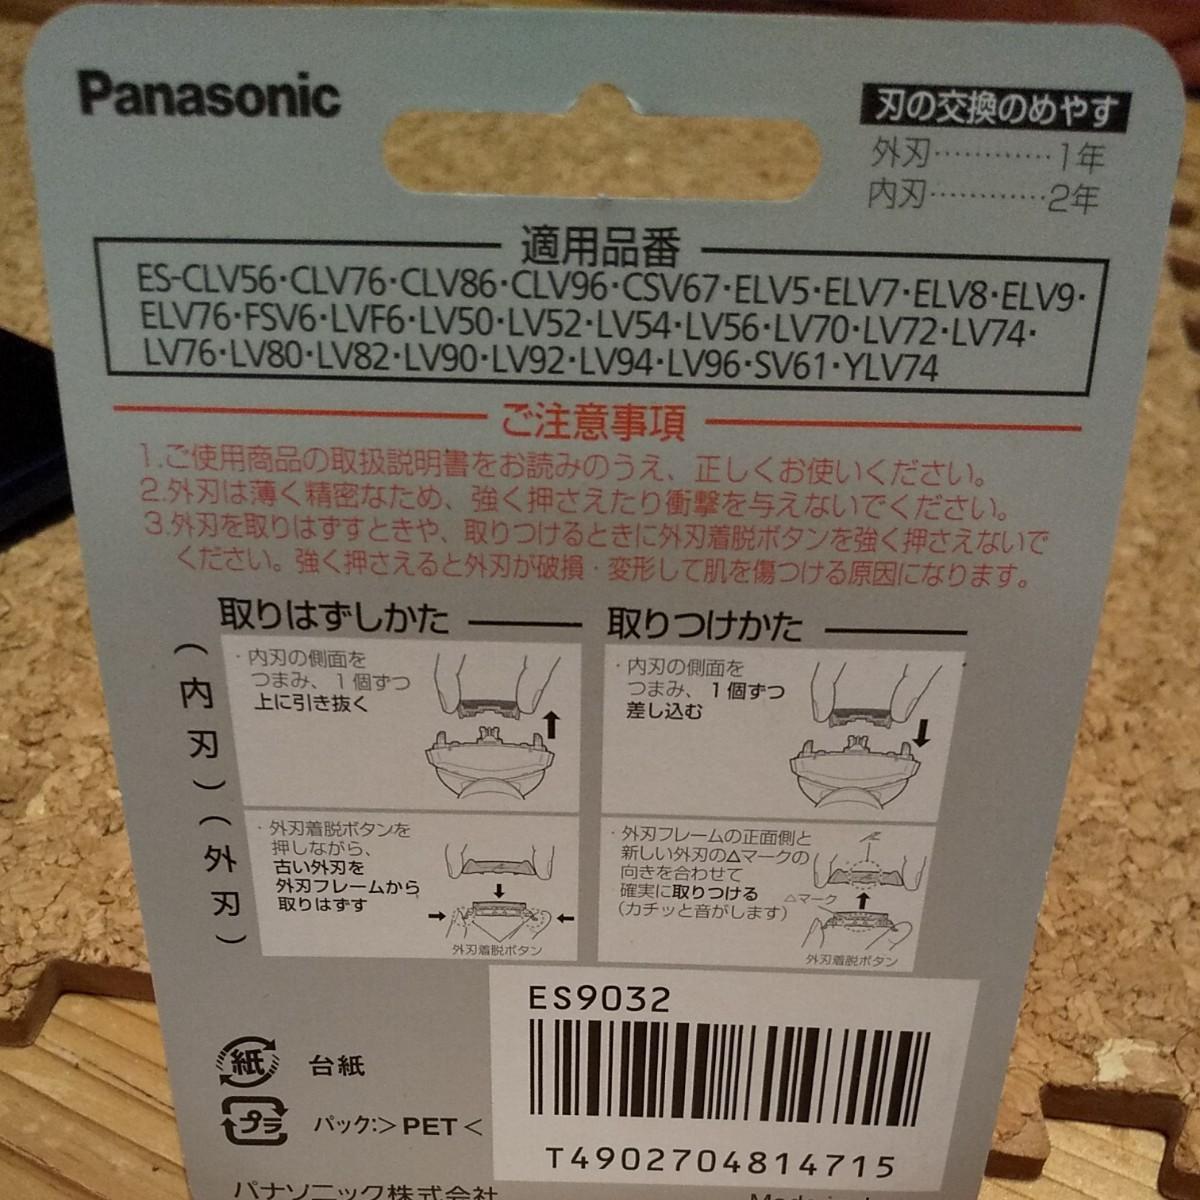 新品未開封 ES9032 ラムダッシュ用 交換用替刃(内刃+外刃) 交換 替刃